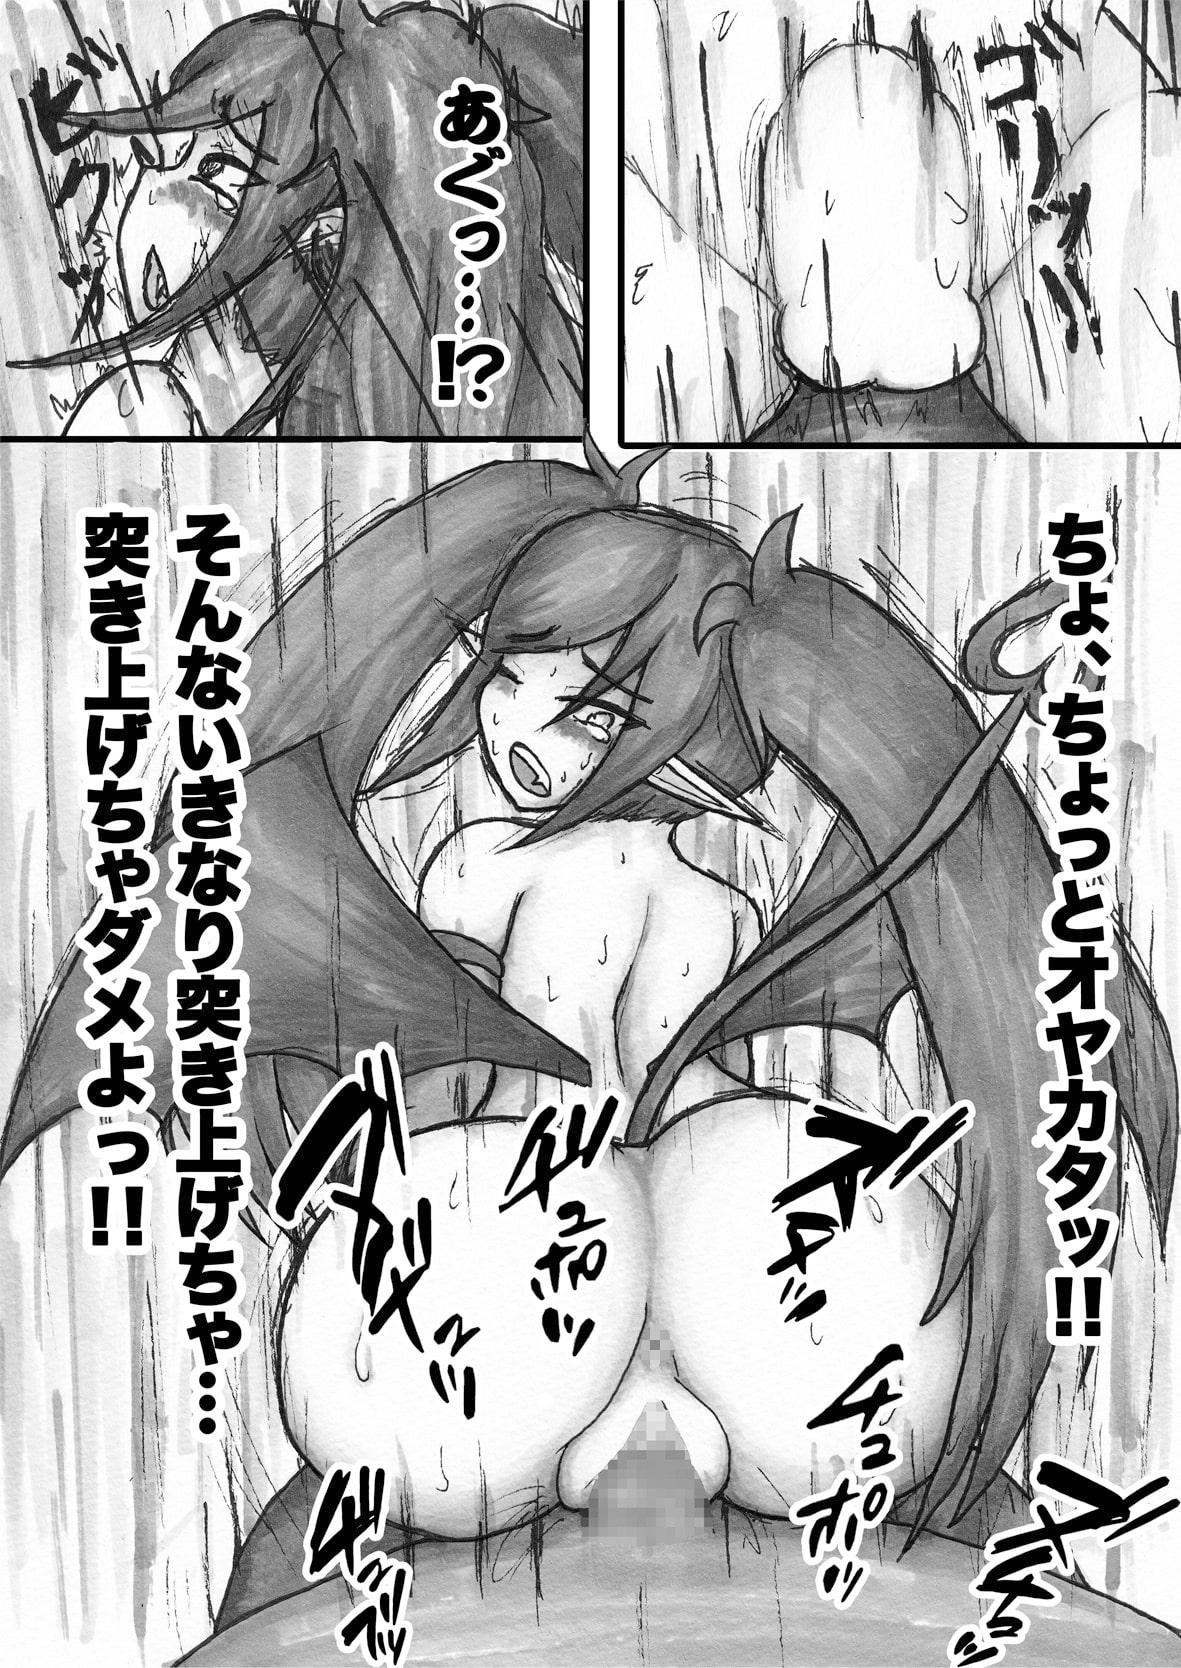 建姫とひたすらイチャコラしたい-ワイヤーストリッパー編のサンプル画像